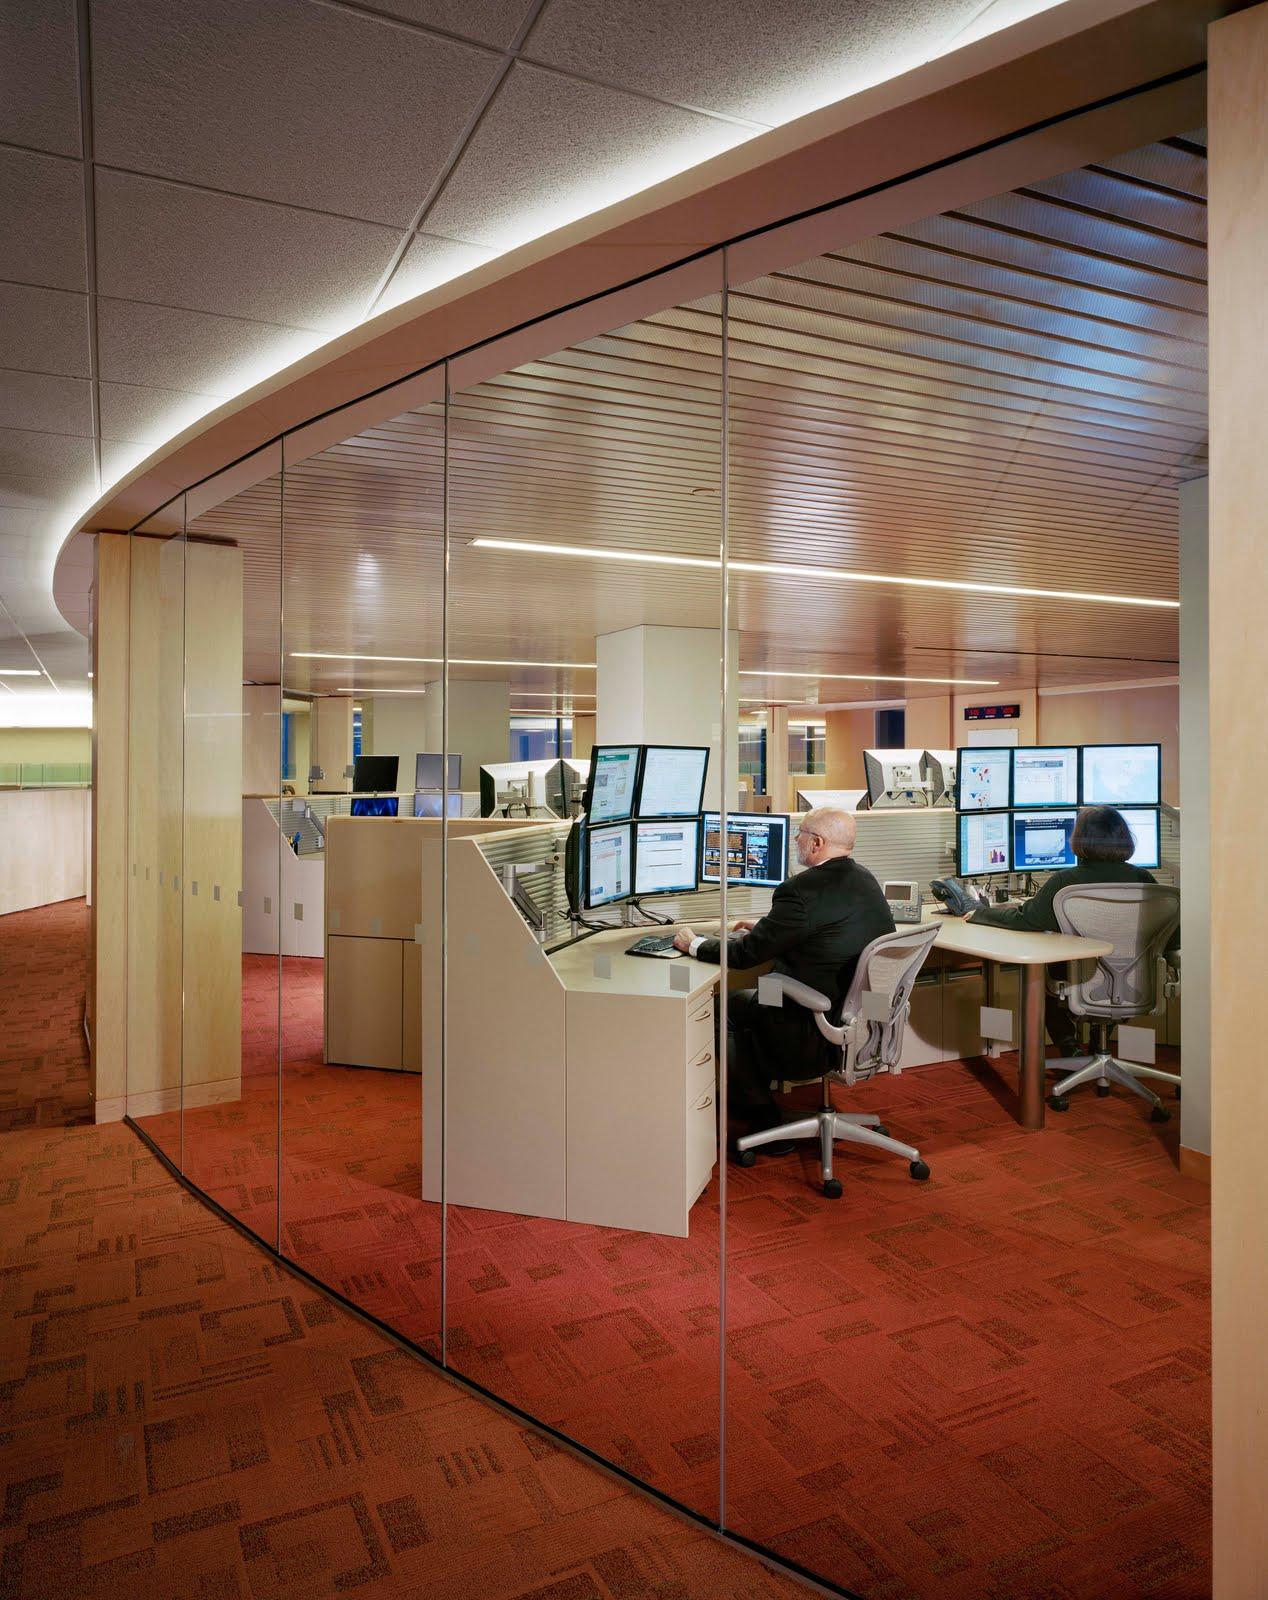 Interior architecture design the american society of - Interior design schools in boston ...